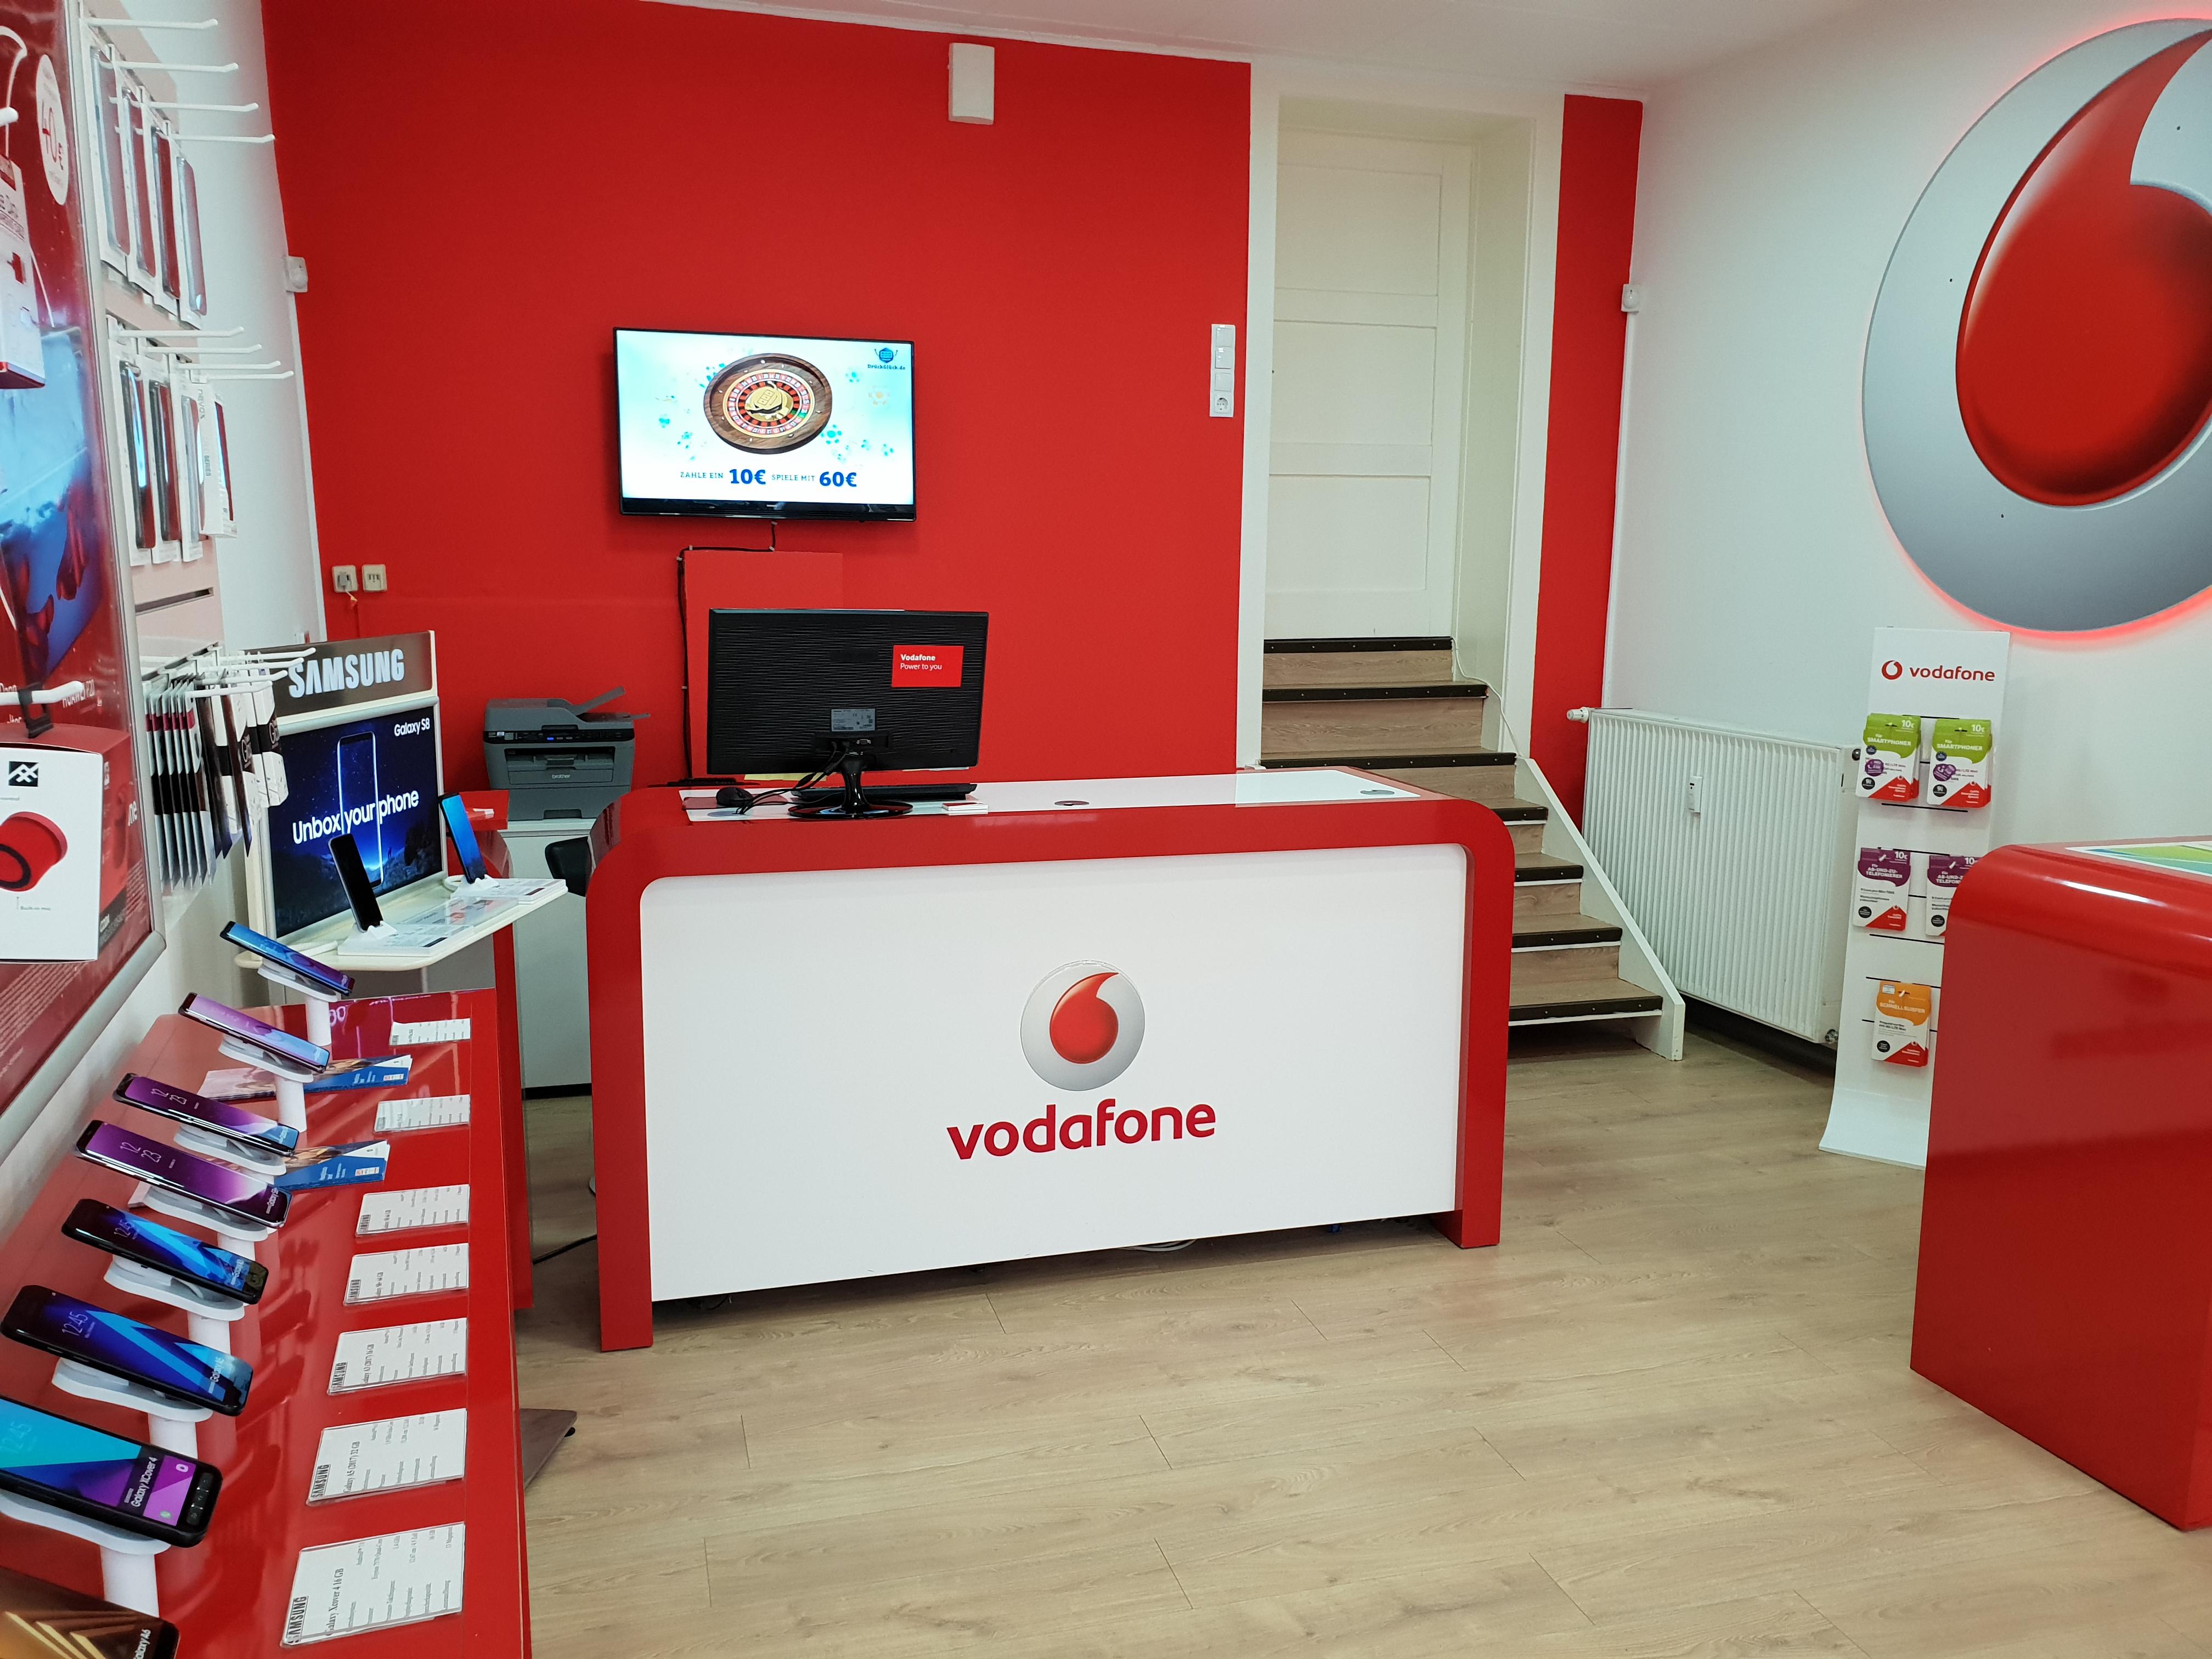 vodafone business fax